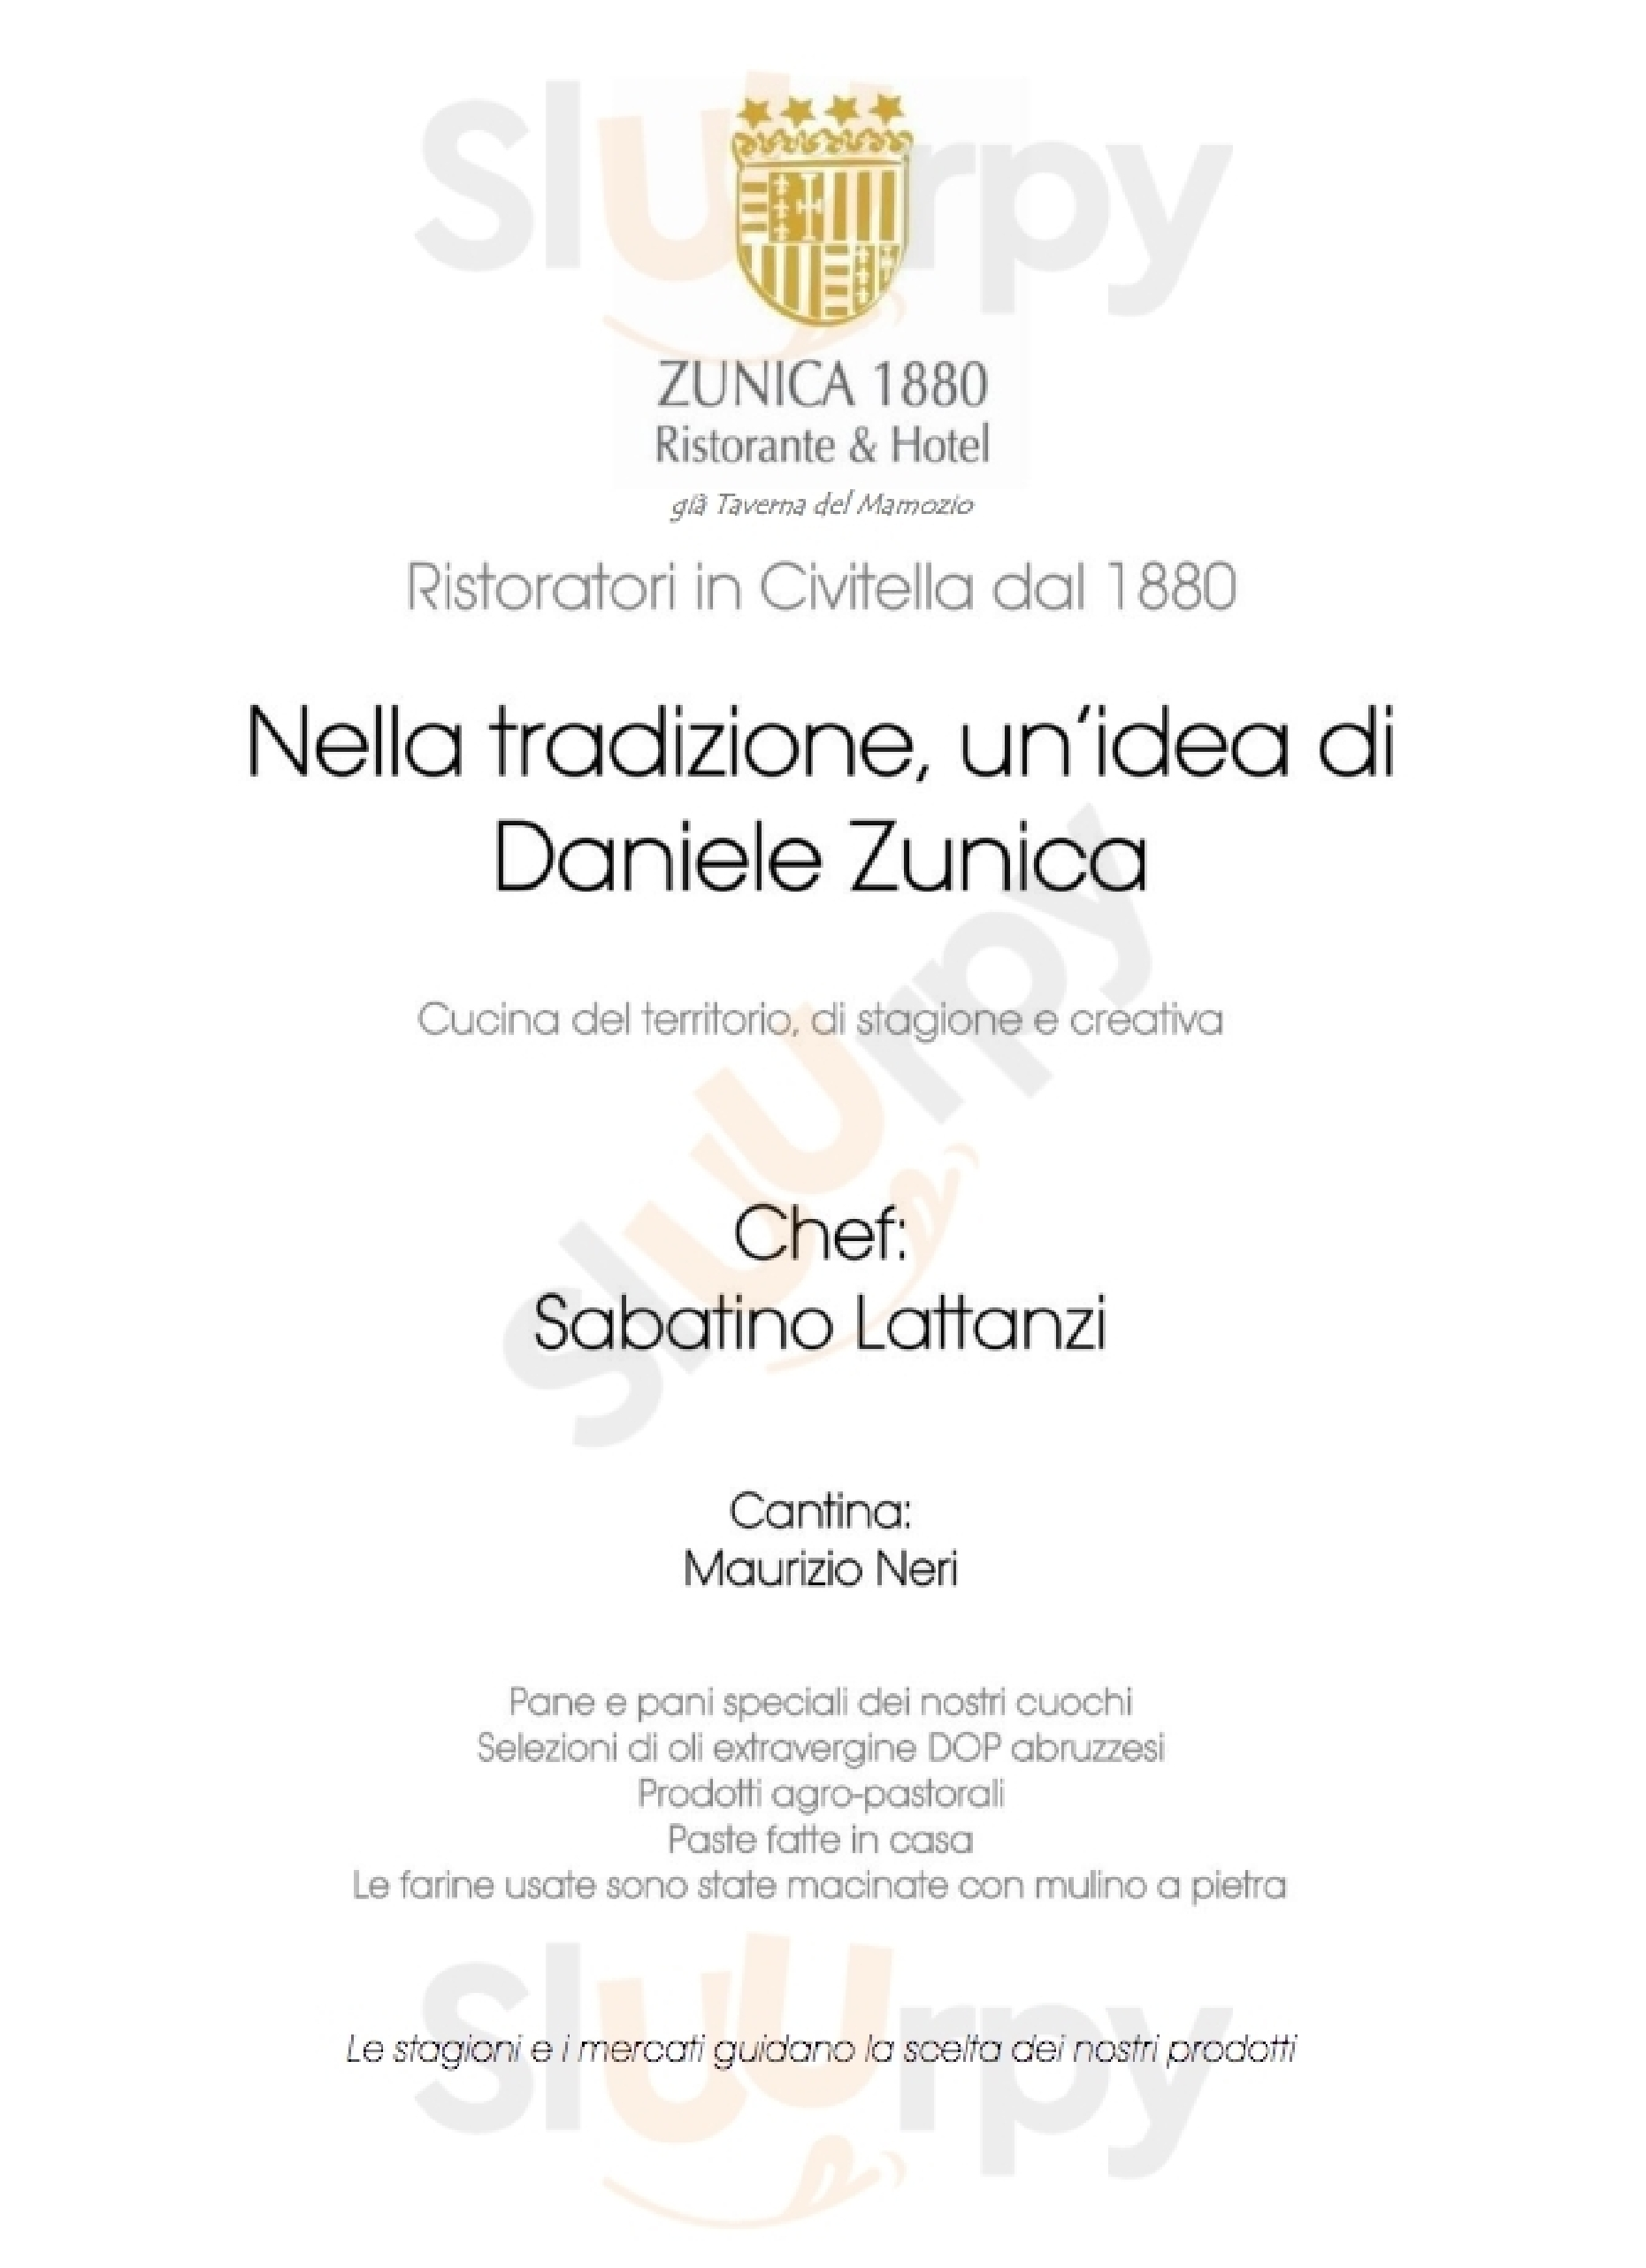 Ristorante Zunica 1880 Civitella del Tronto menù 1 pagina